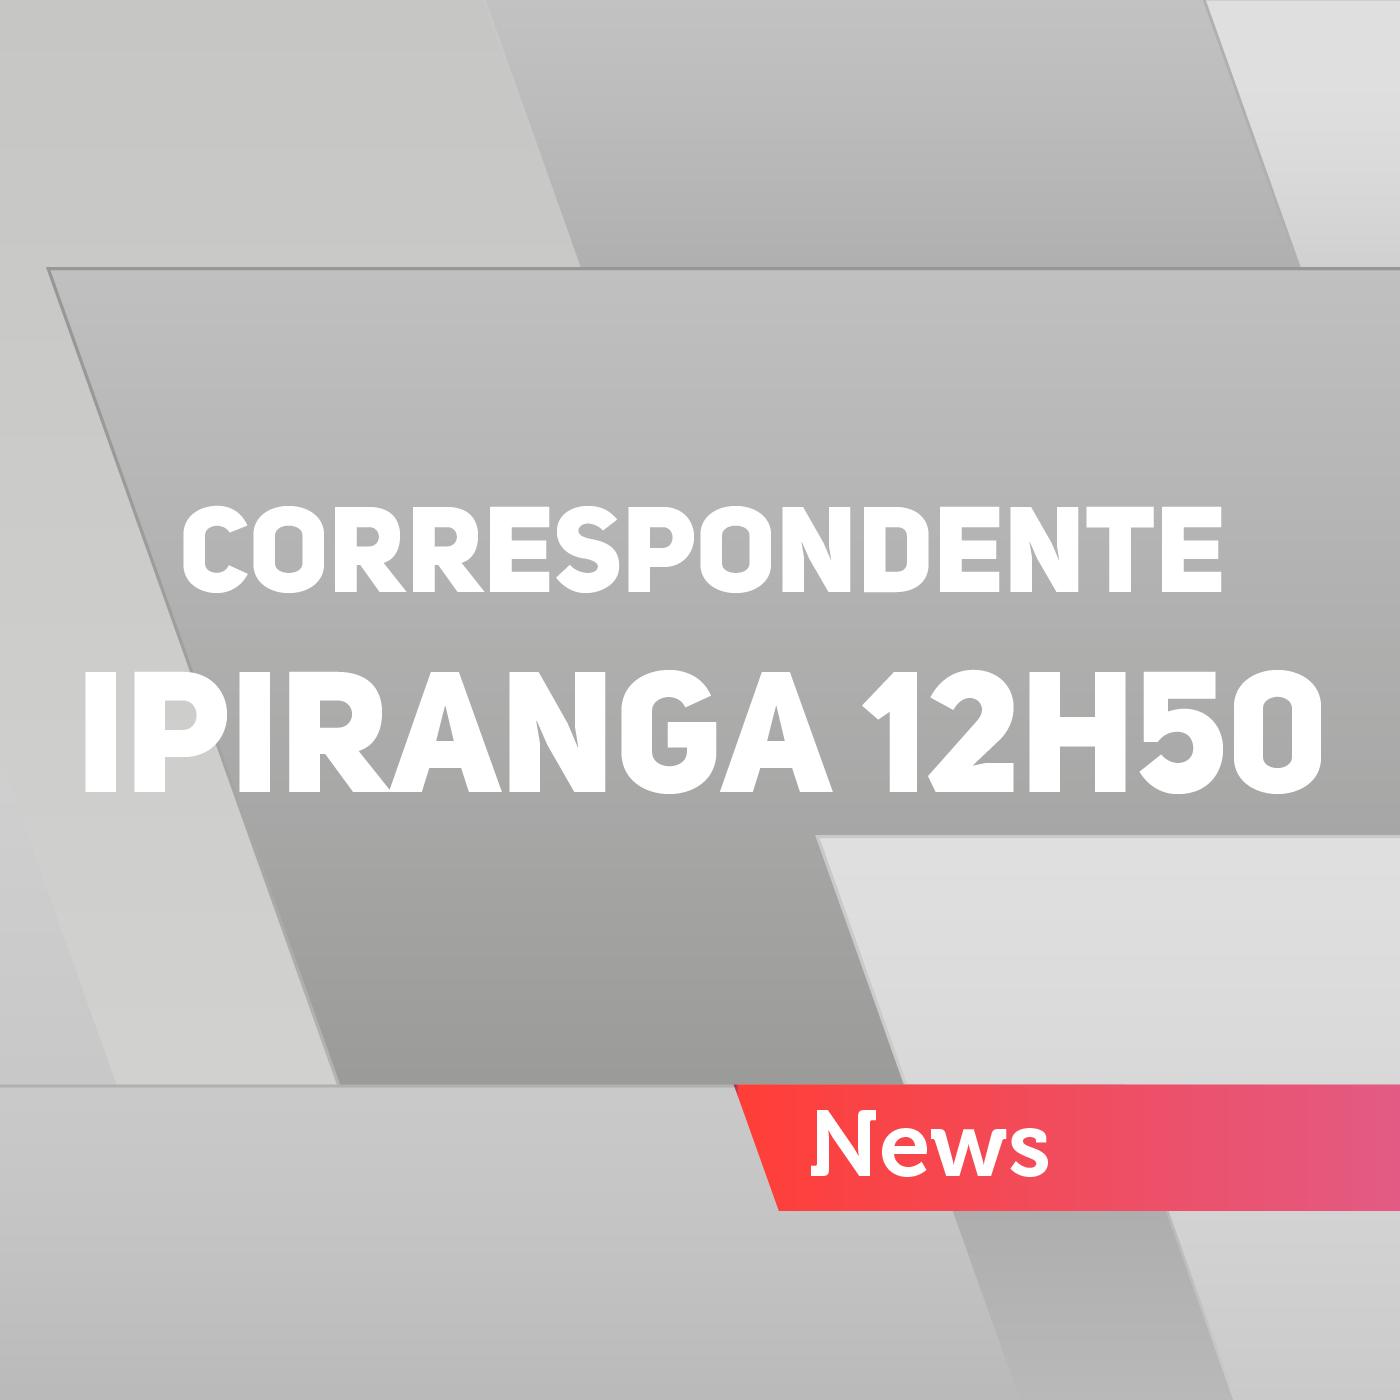 CORRESPONDENTE IPIRANGA 12H50 - 27/07/2016r